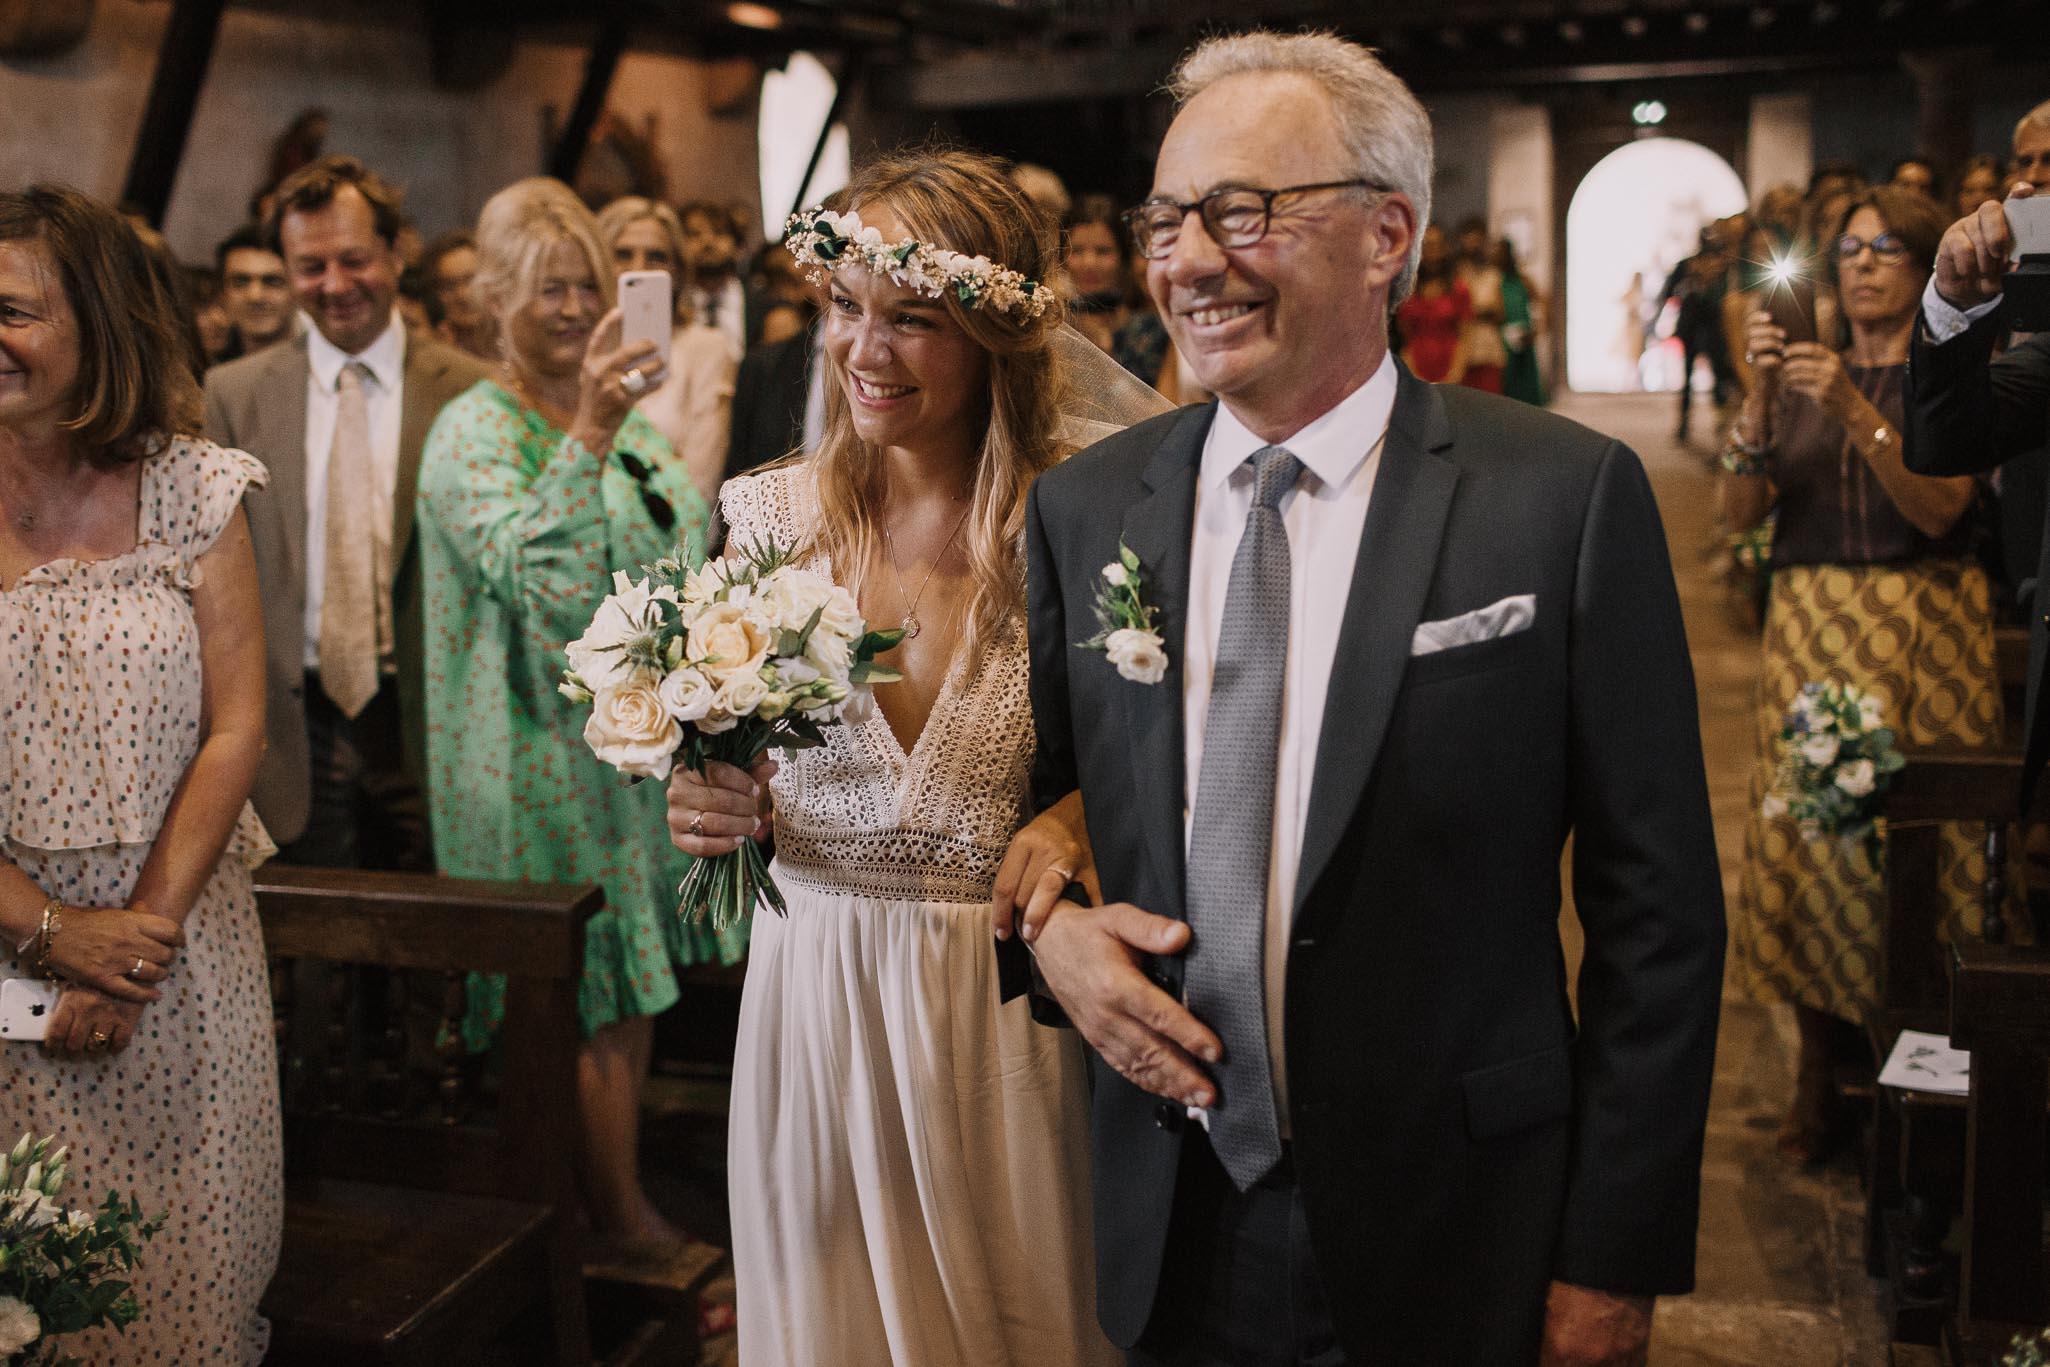 Photographe-mariage-bordeaux-jeremy-boyer-pays-basque-ihartze-artea-sare-robe-eleonore-pauc-couple-amour-63.jpg